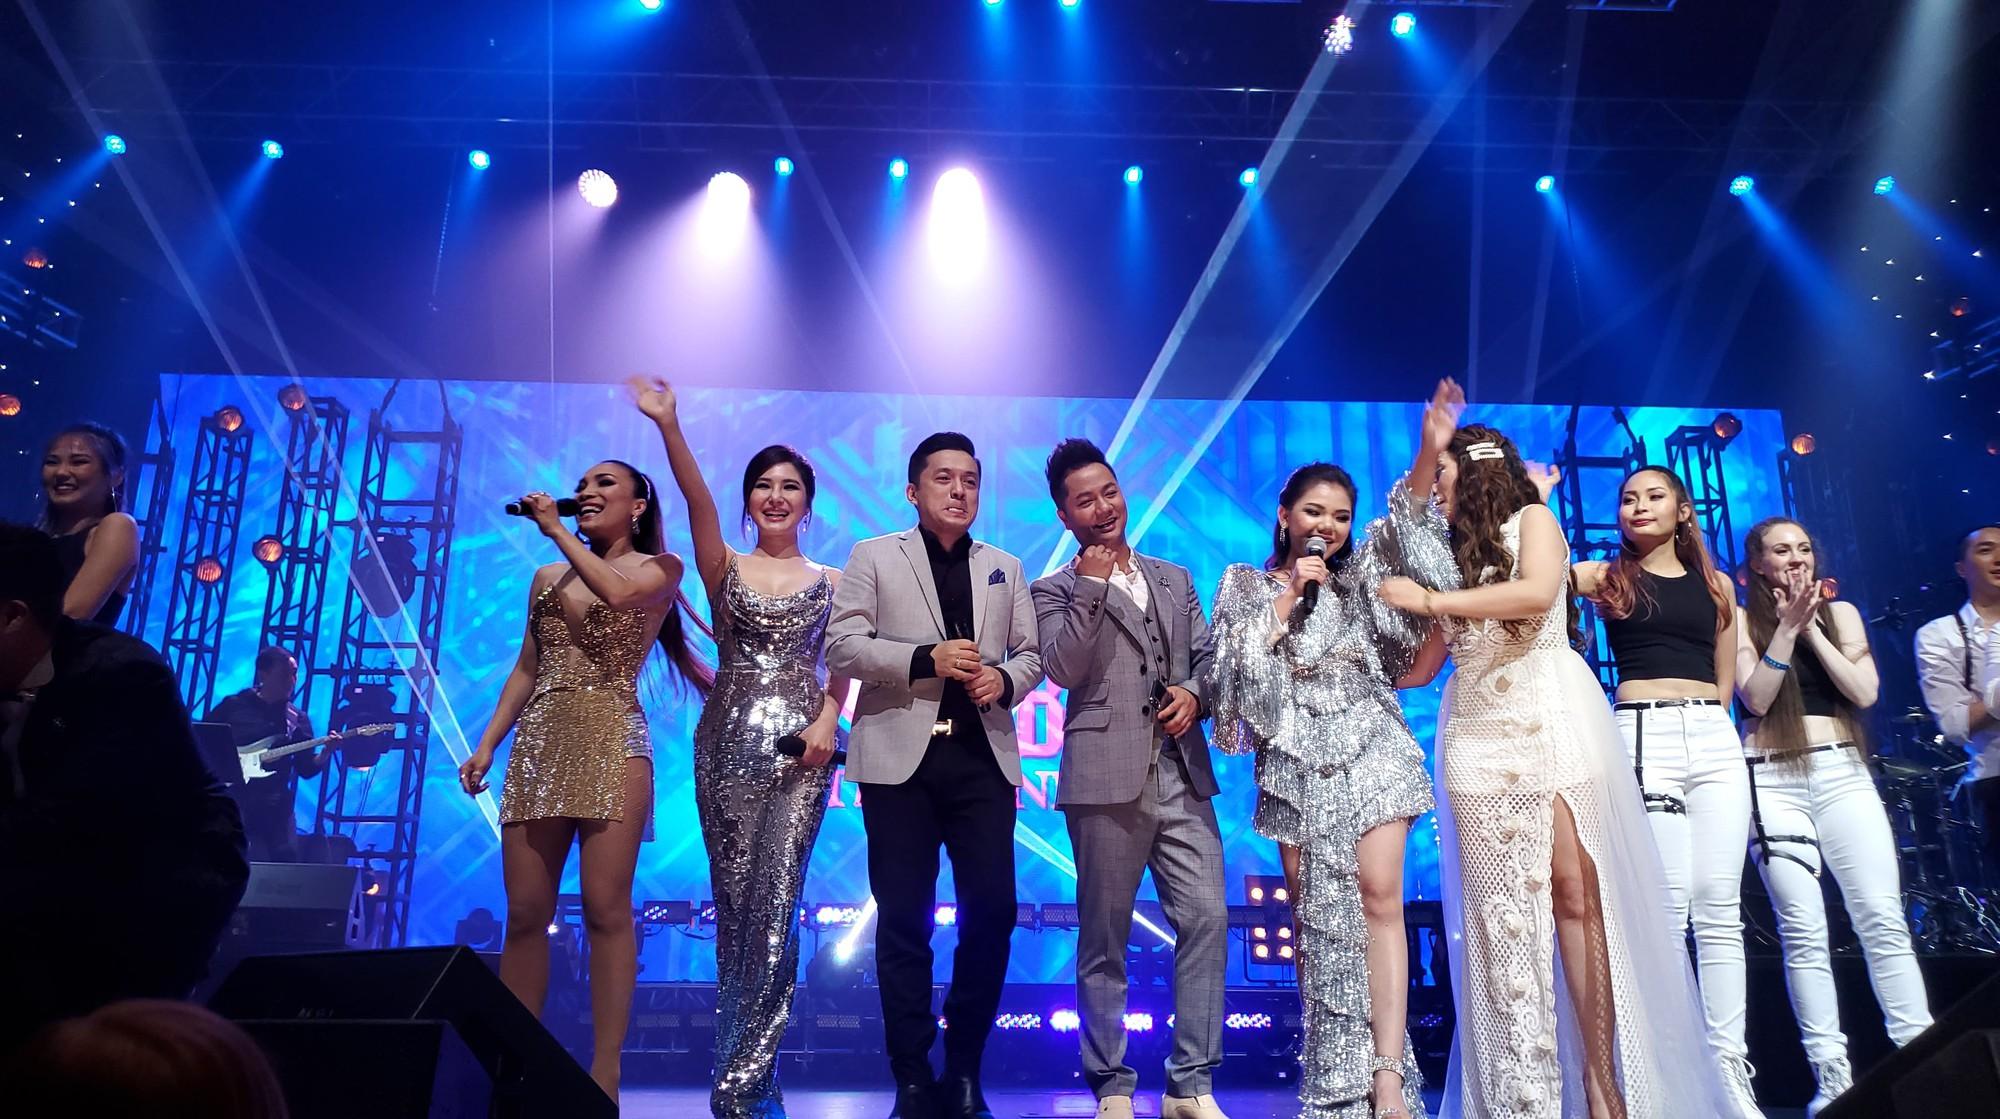 Hương Tràm nhận show hát ở Mỹ nhưng chiếc váy tuyệt đẹp cô mặc lại khiến người nhiều bất ngờ  - Ảnh 3.